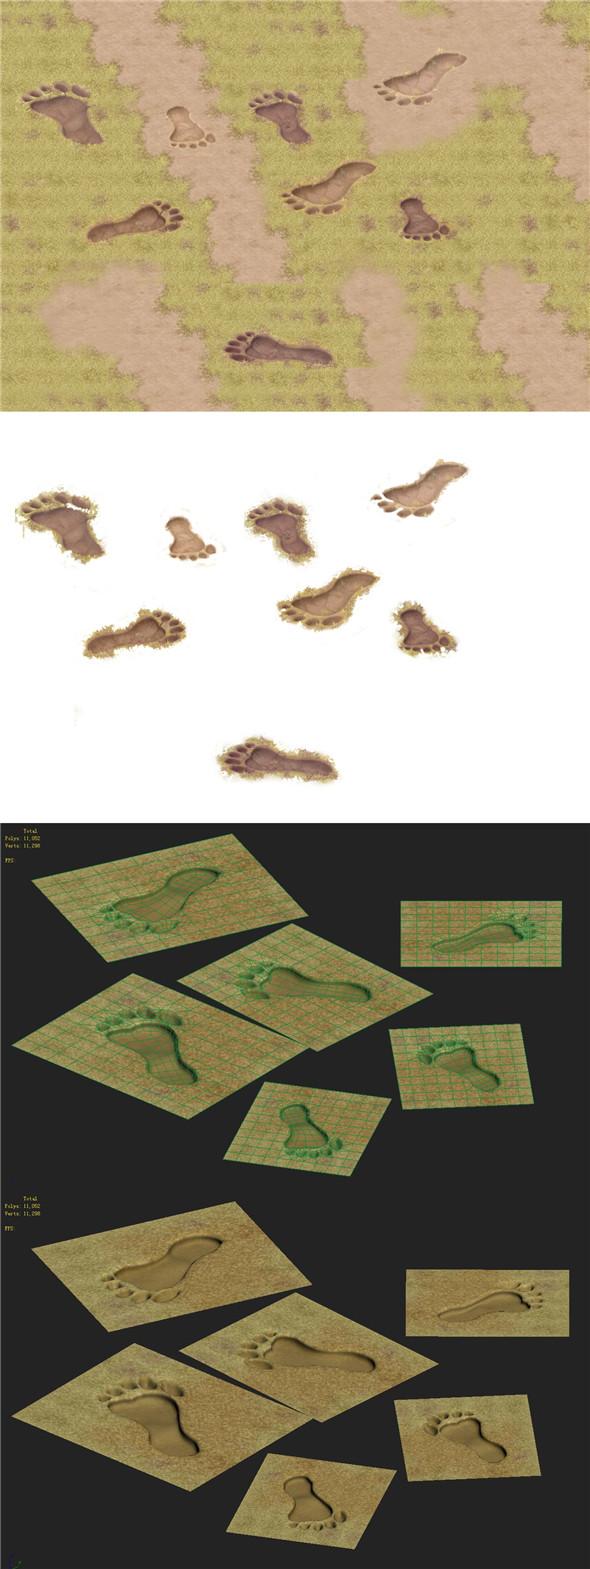 Cartoon version - footprints - 3DOcean Item for Sale